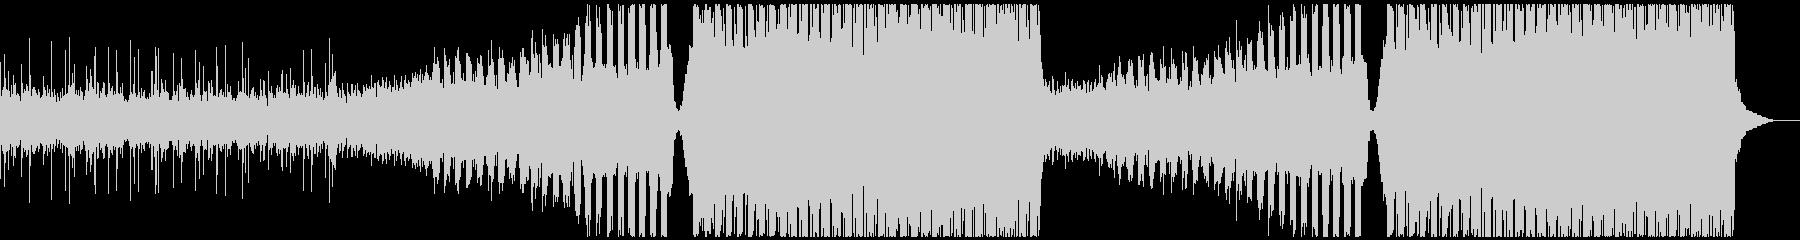 トロピカルの要素を取り入れたエレクトロの未再生の波形